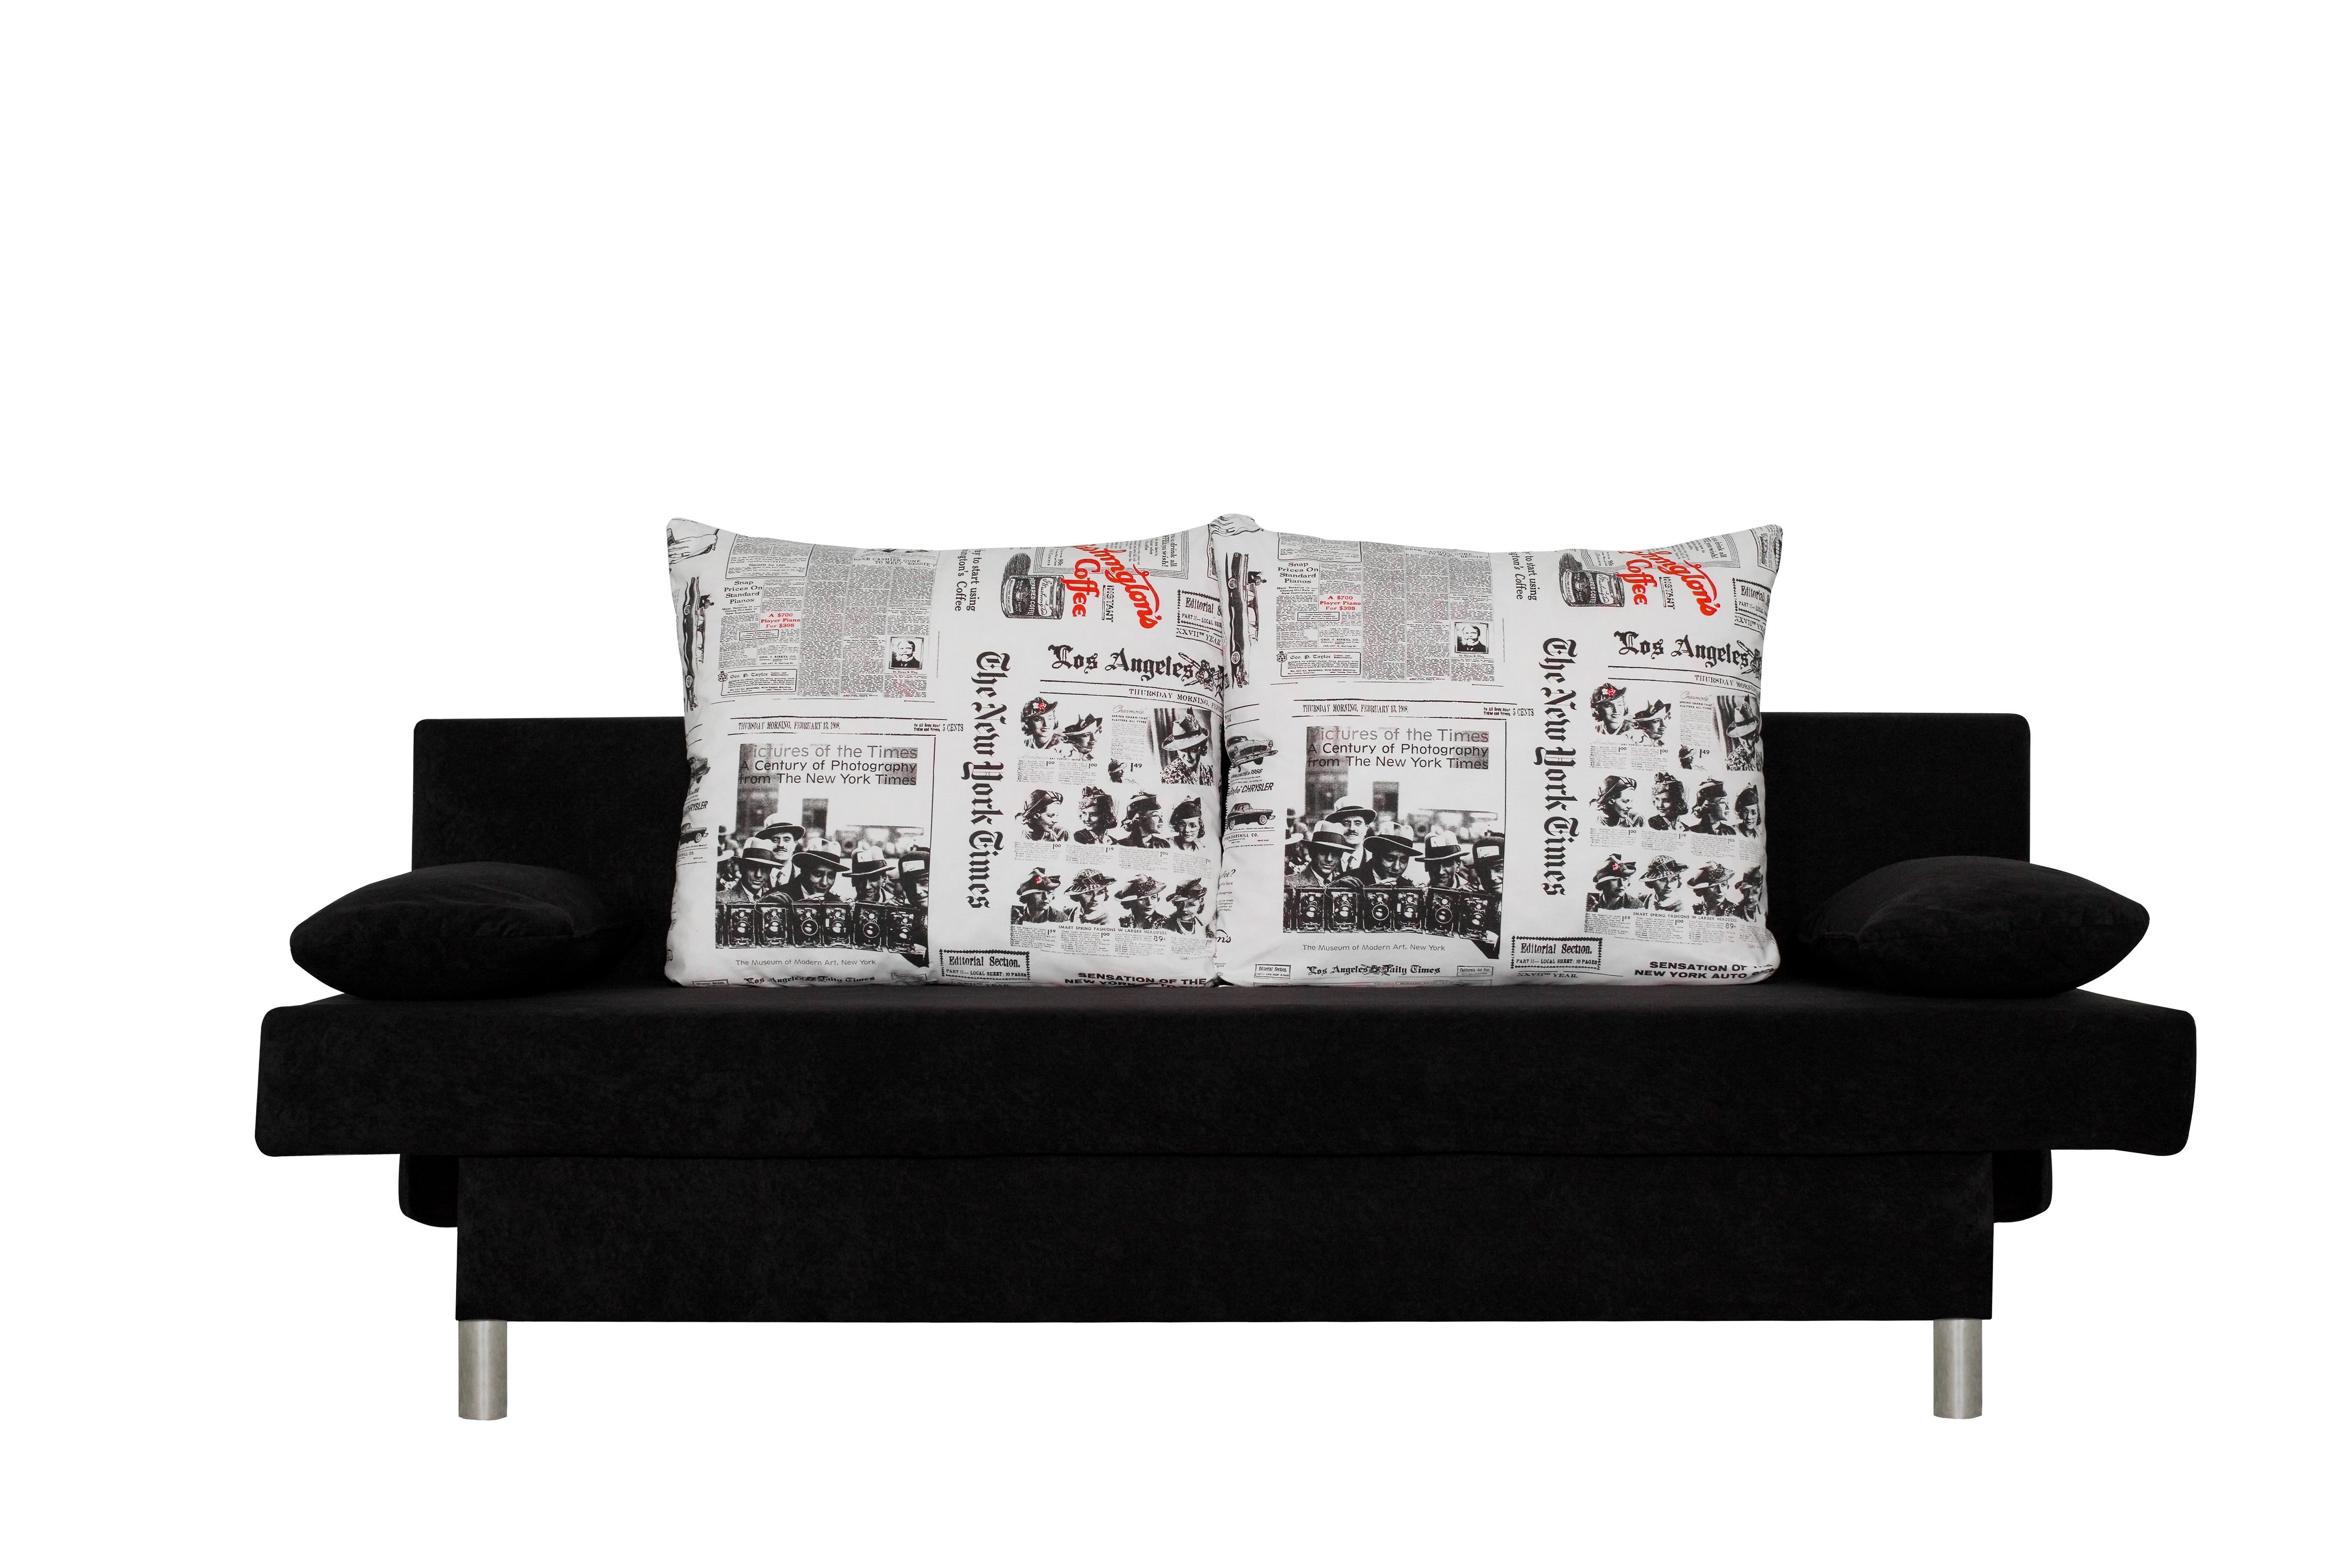 Sofa Billig Kaufen 25 Best Ideas About Billige Sofas On Pinterest Billige Billig Sofa Kaufen